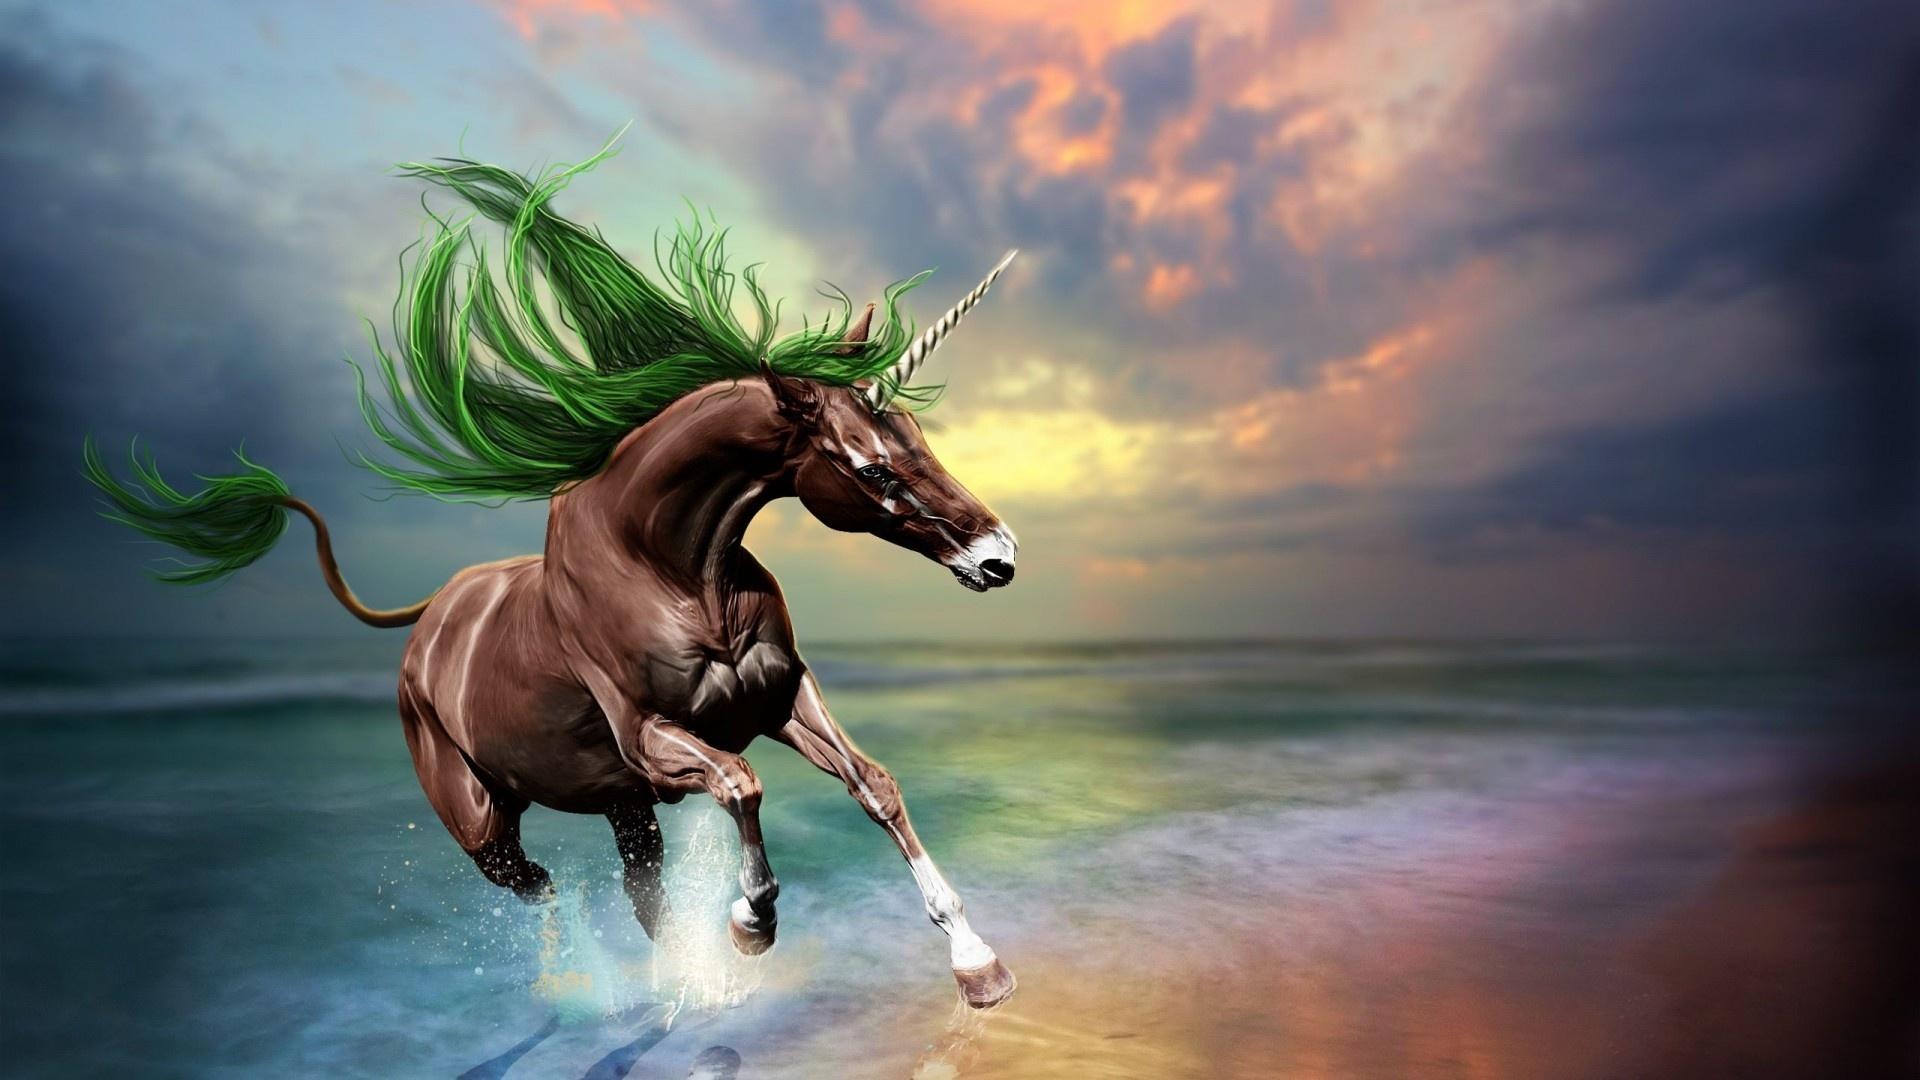 Magic Horses wallpaper for pc